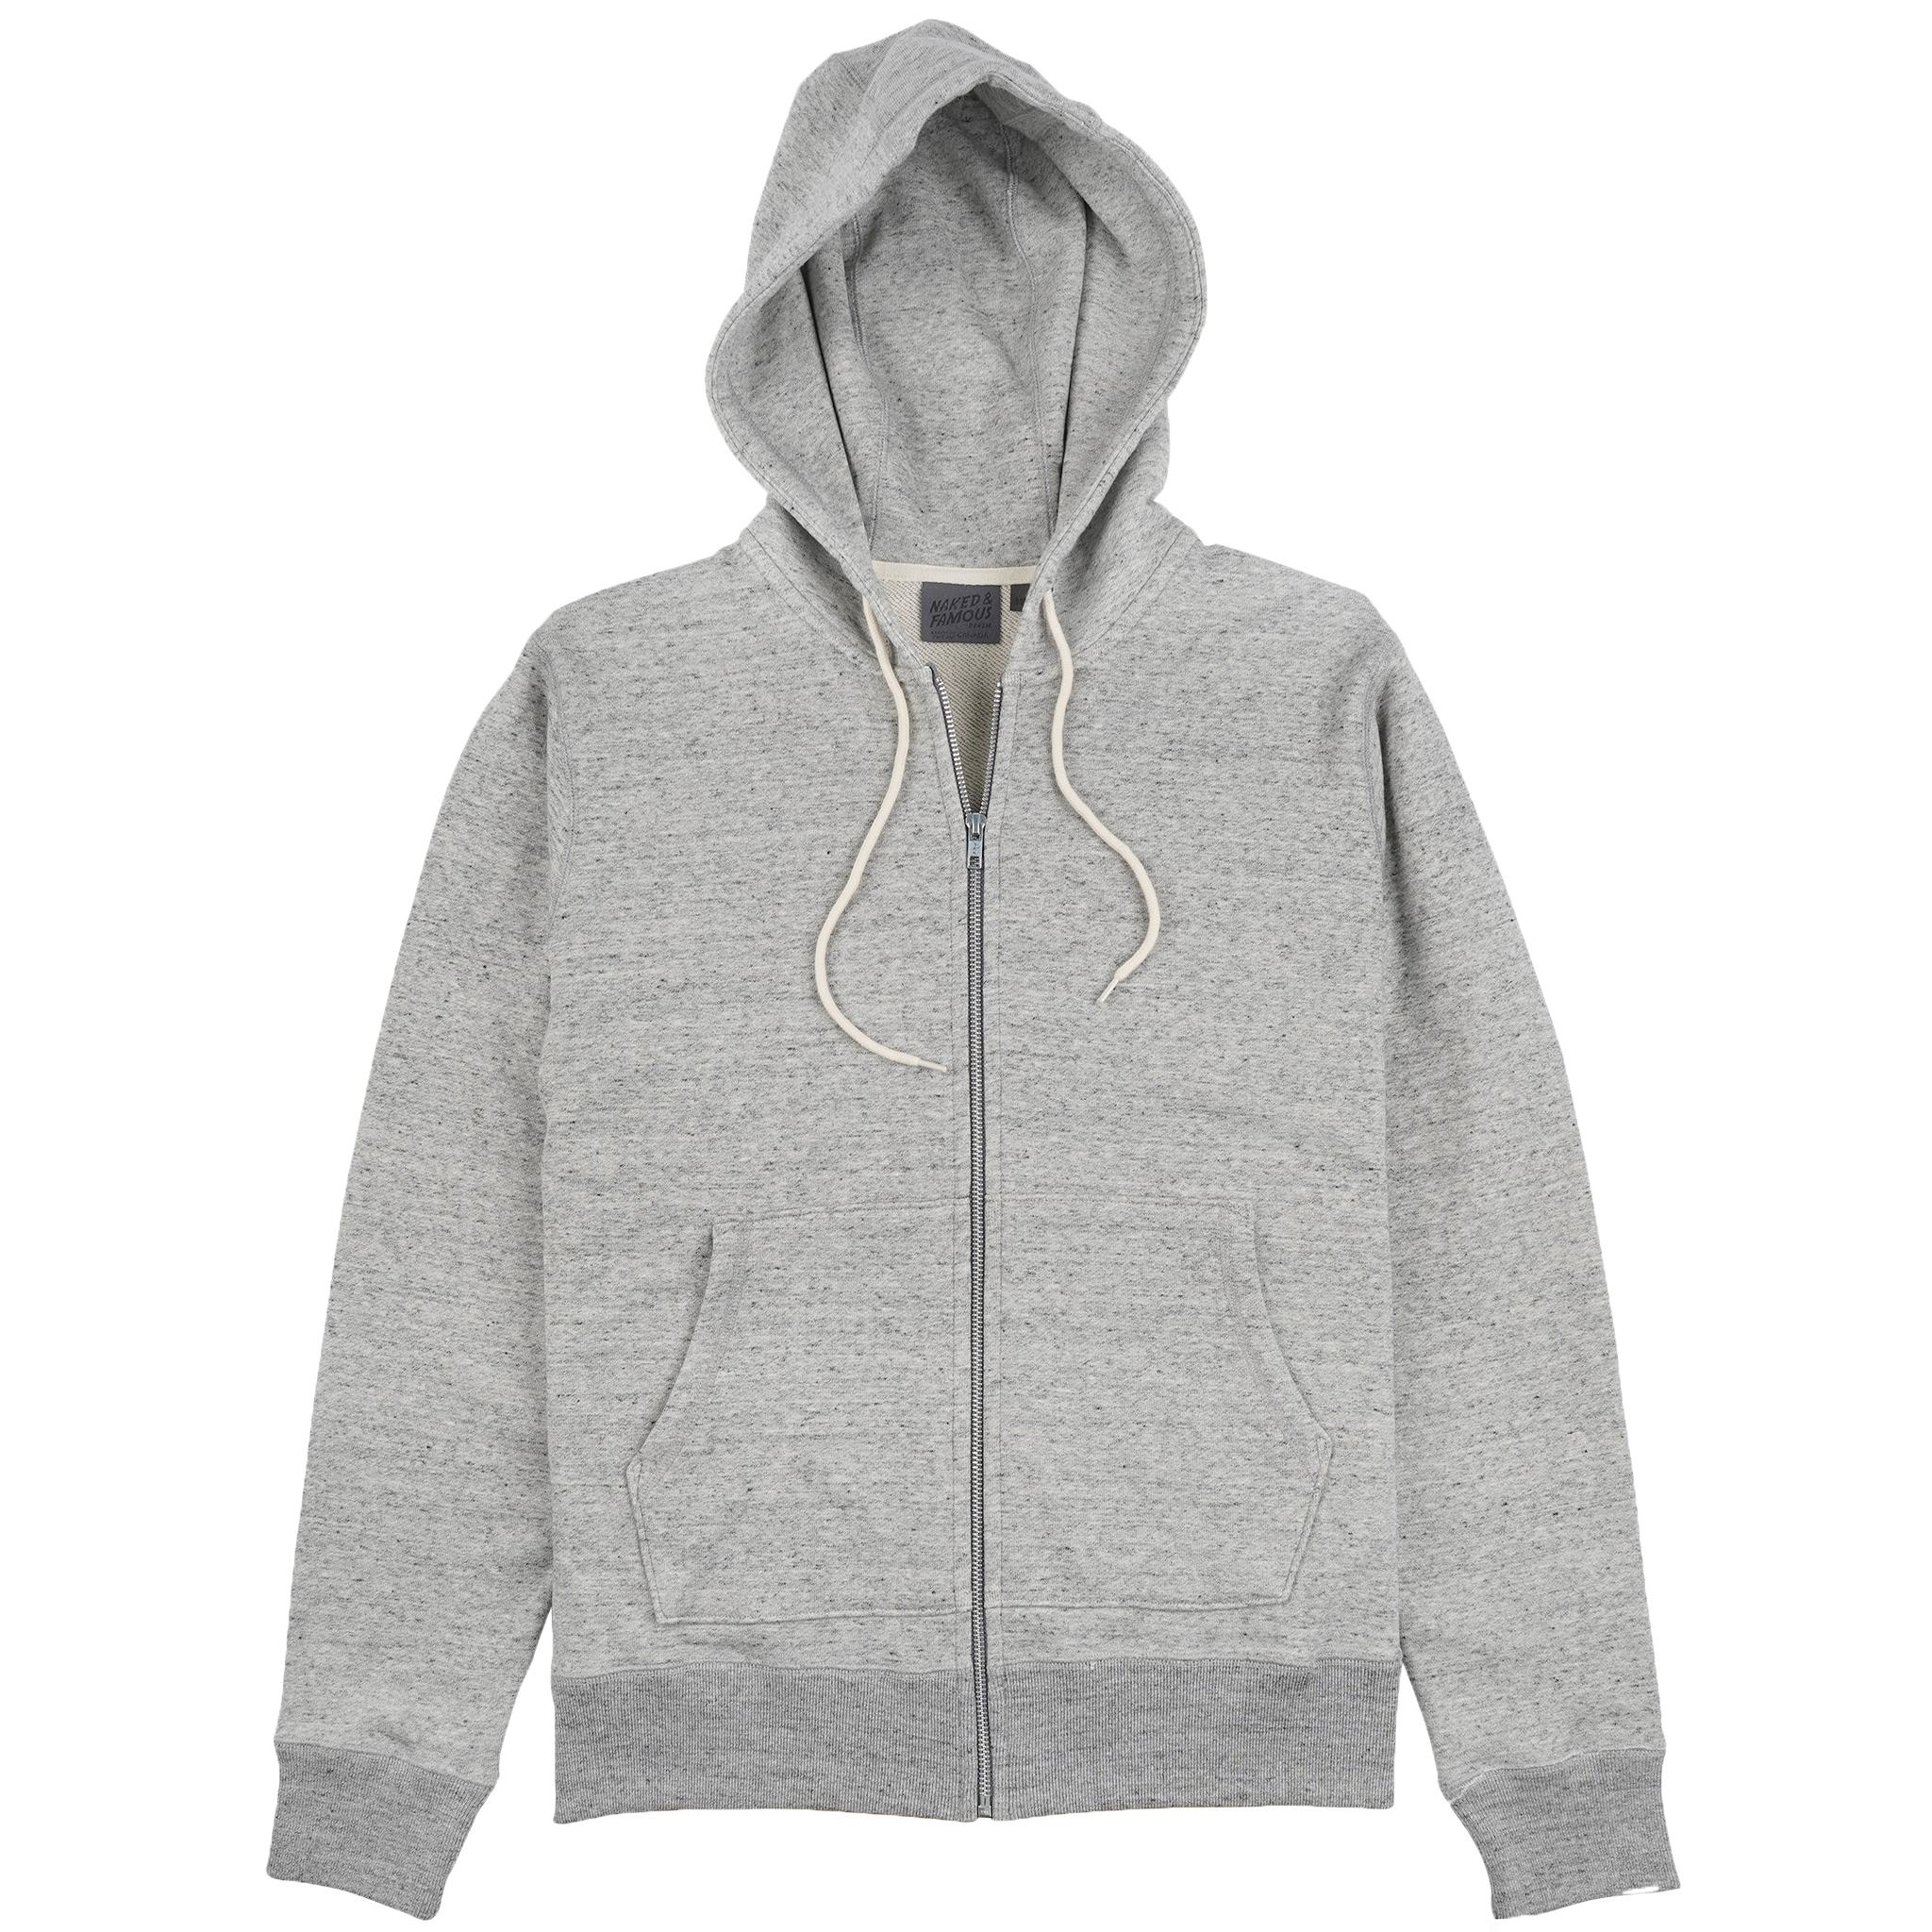 Zip Hoodie Grey front view